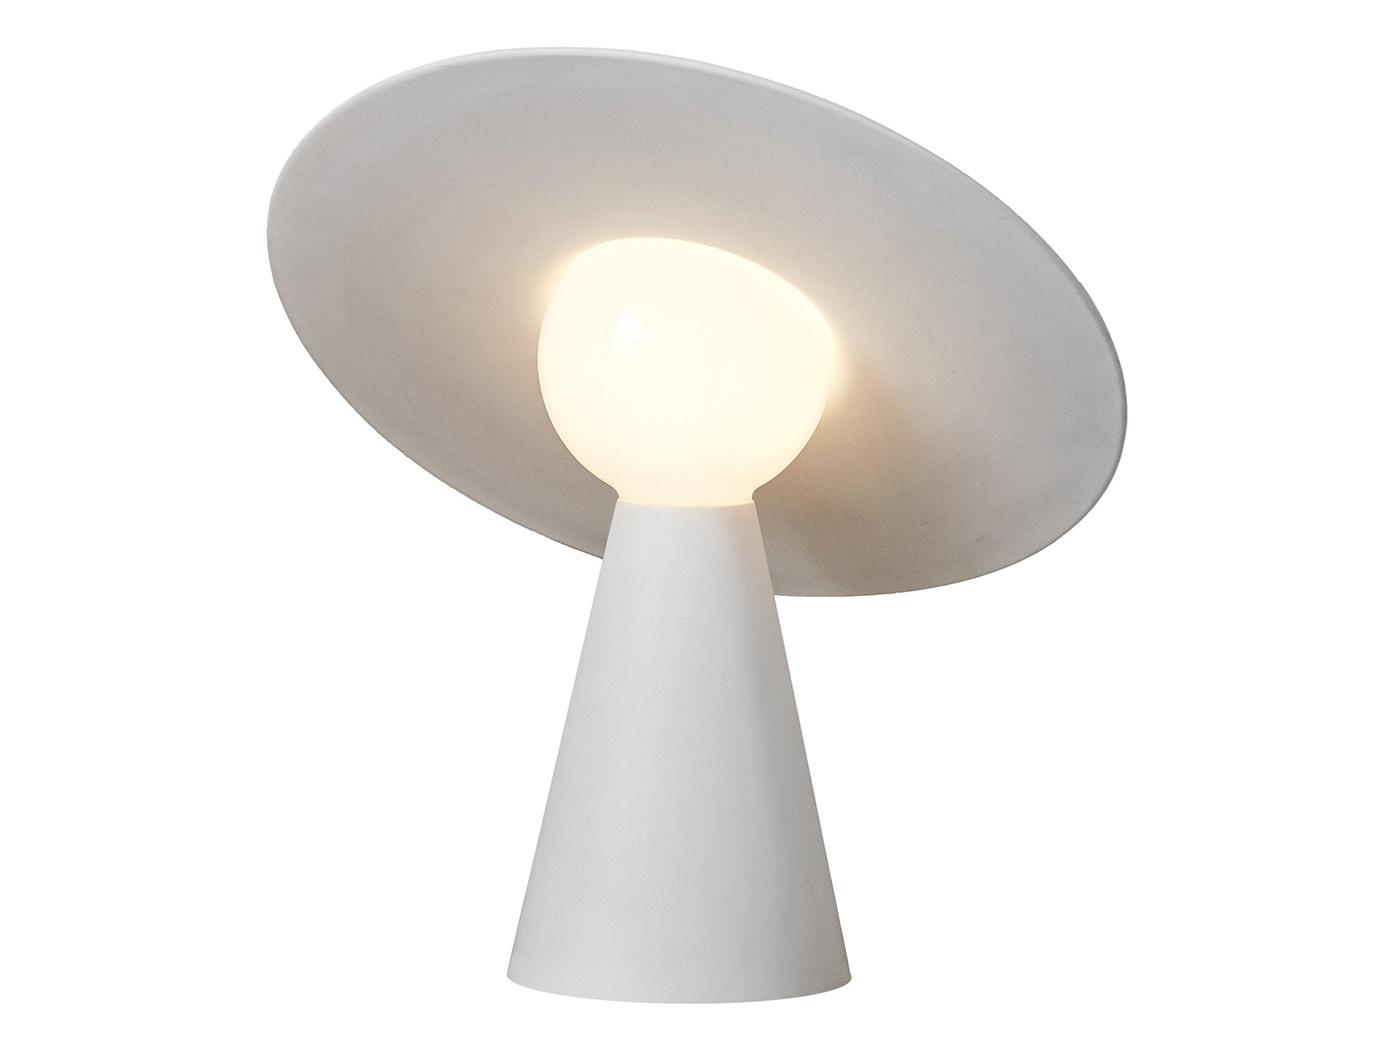 Выбираем светильник для своего жилища